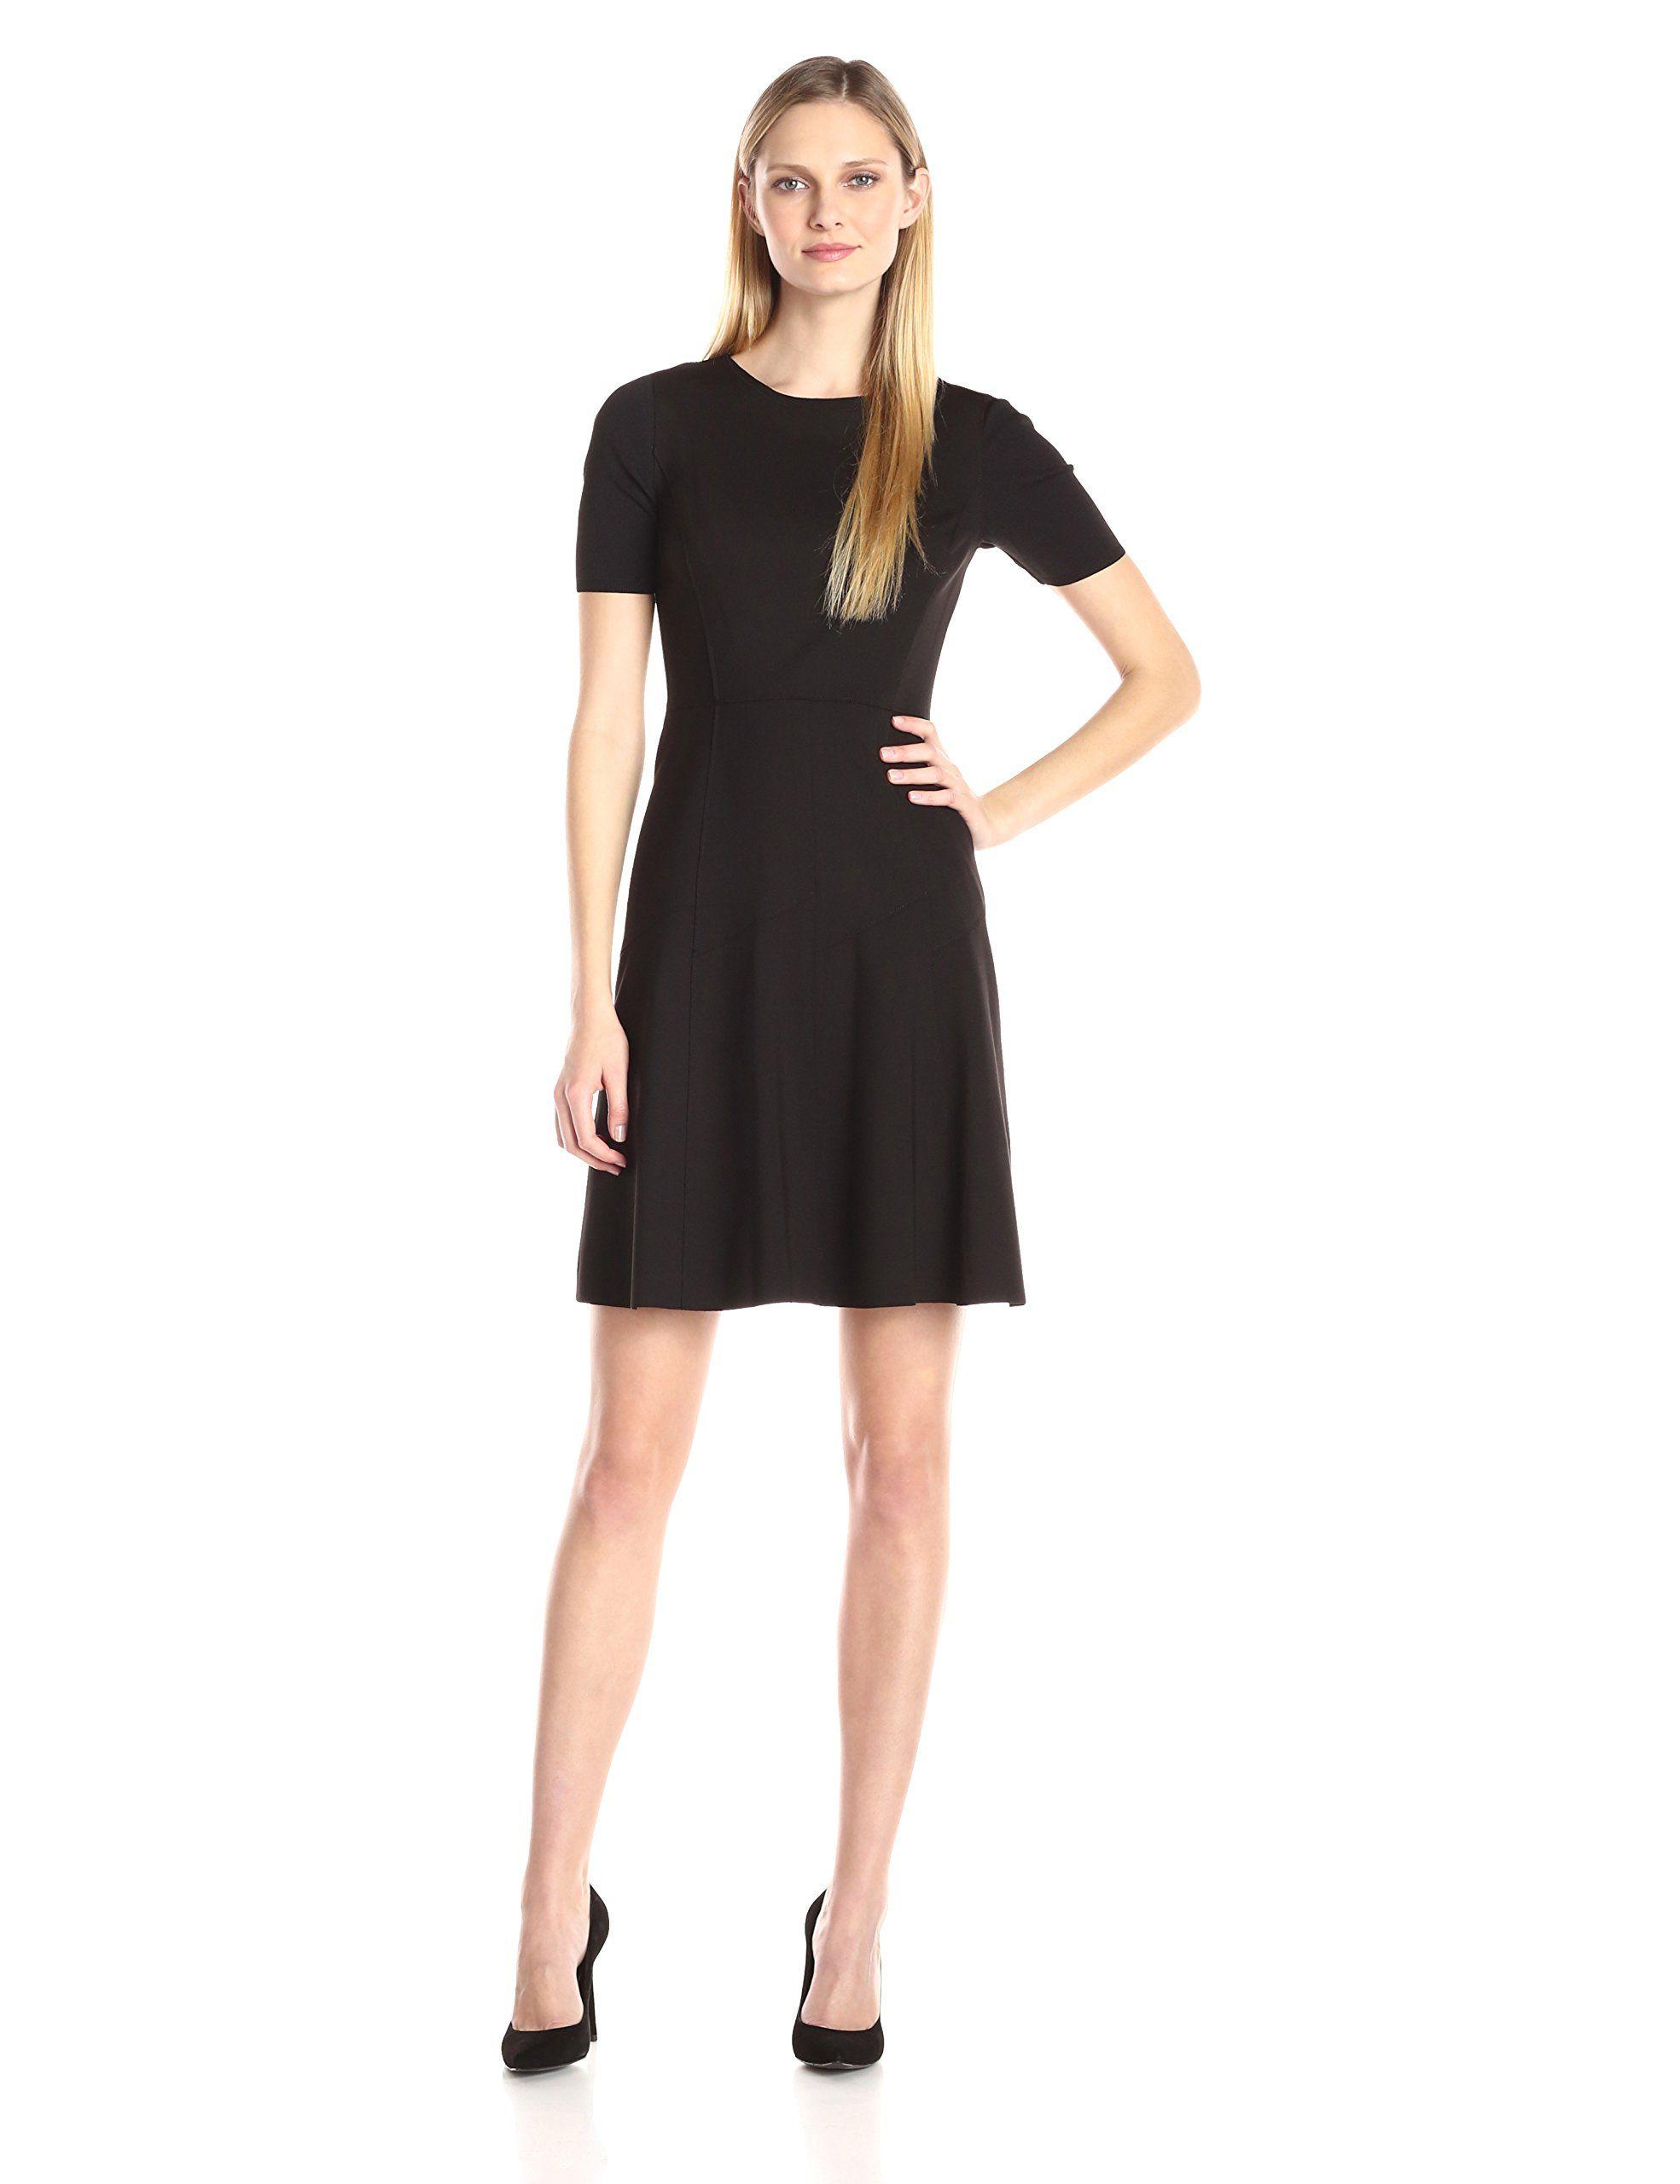 Elie tahari womenus maria dress black lined short sleeves fit